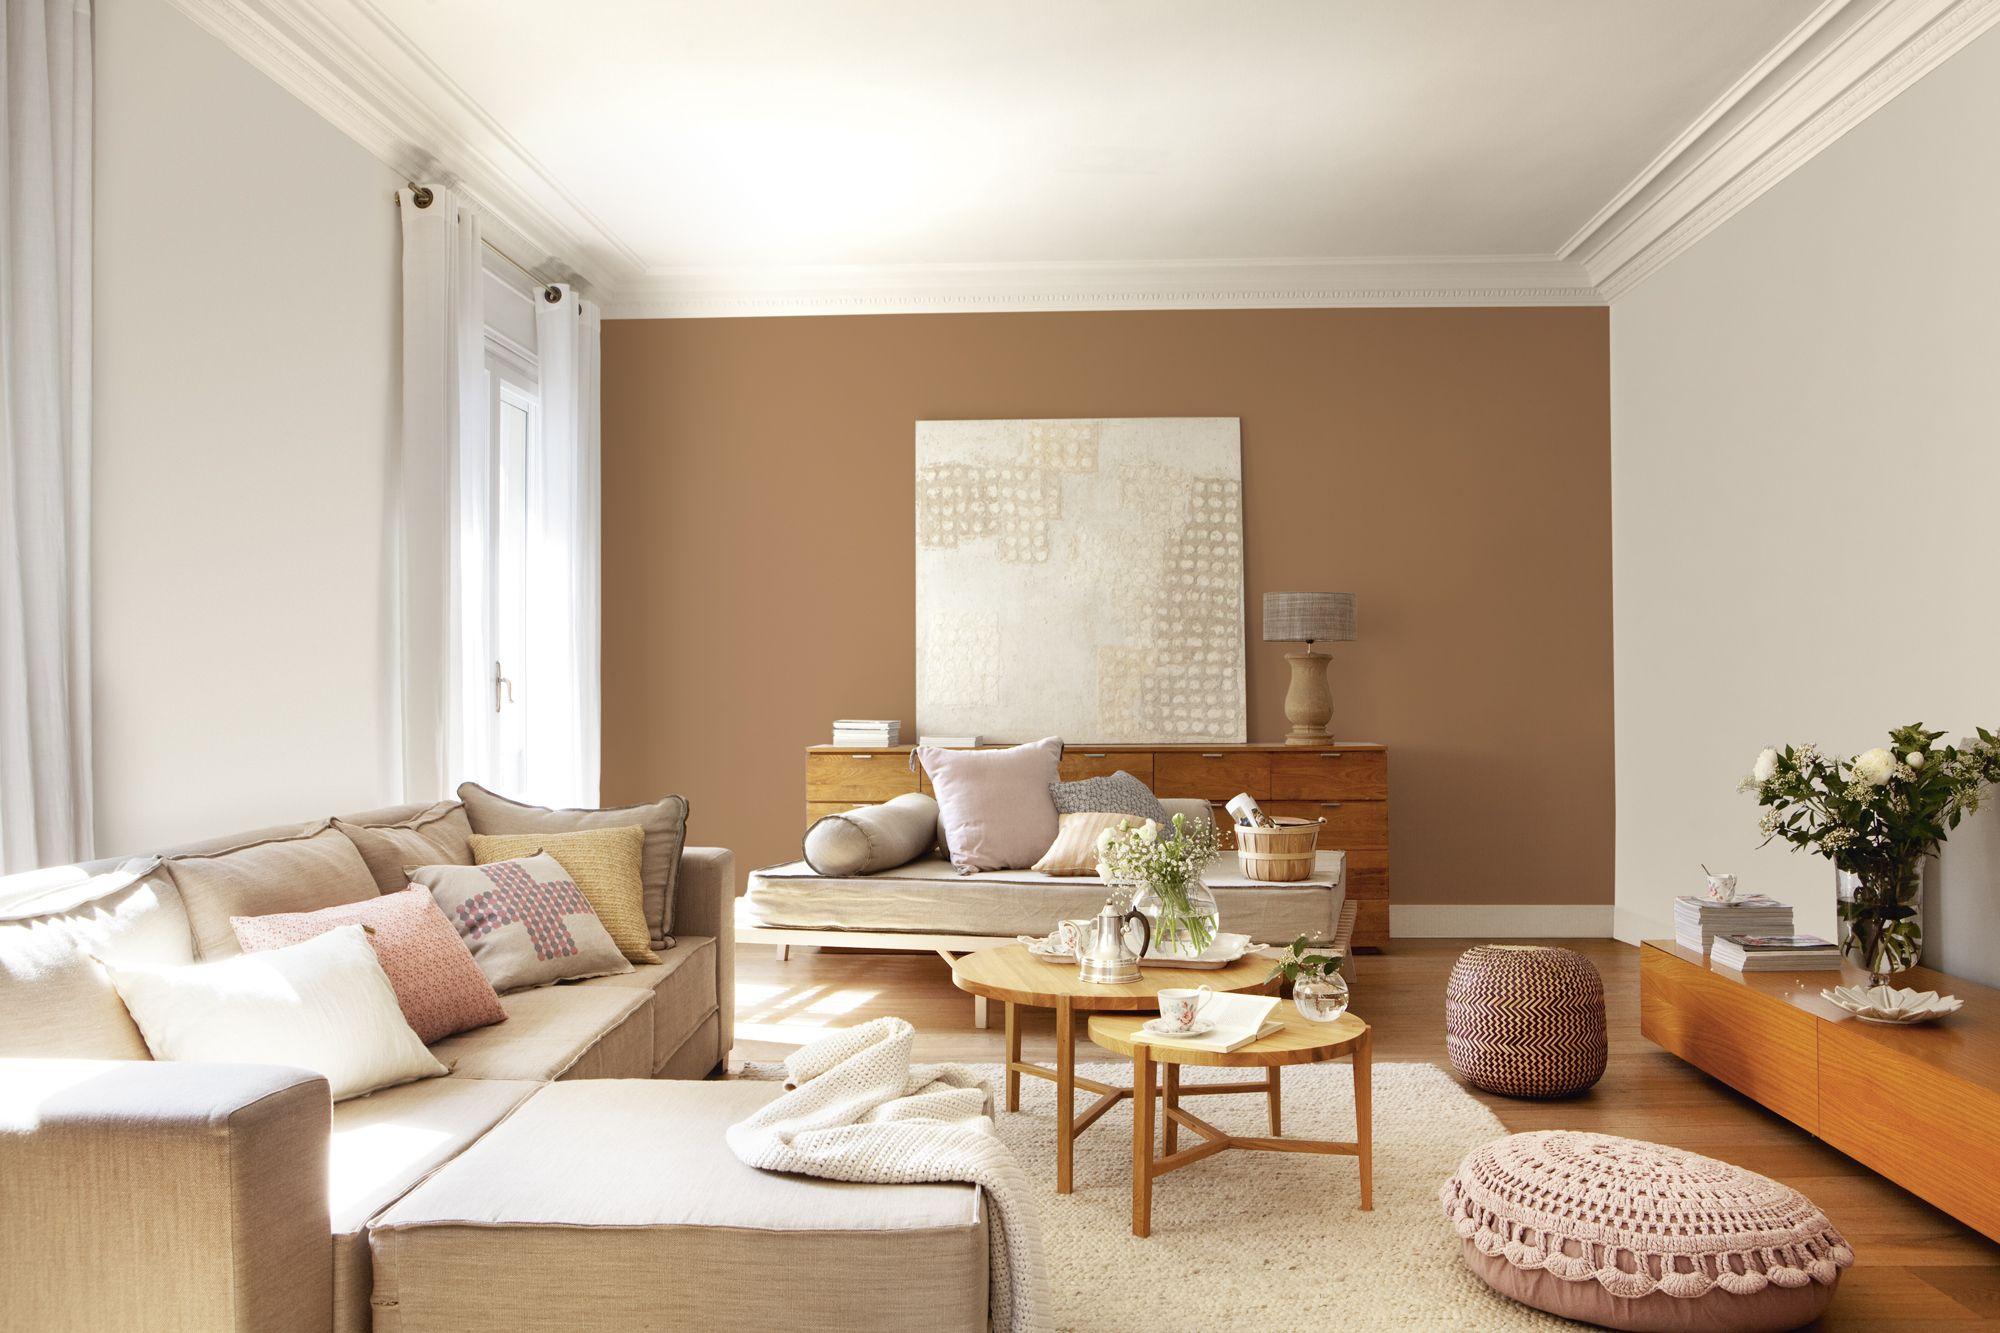 Mira cómo cambia este salón solo con la pintura